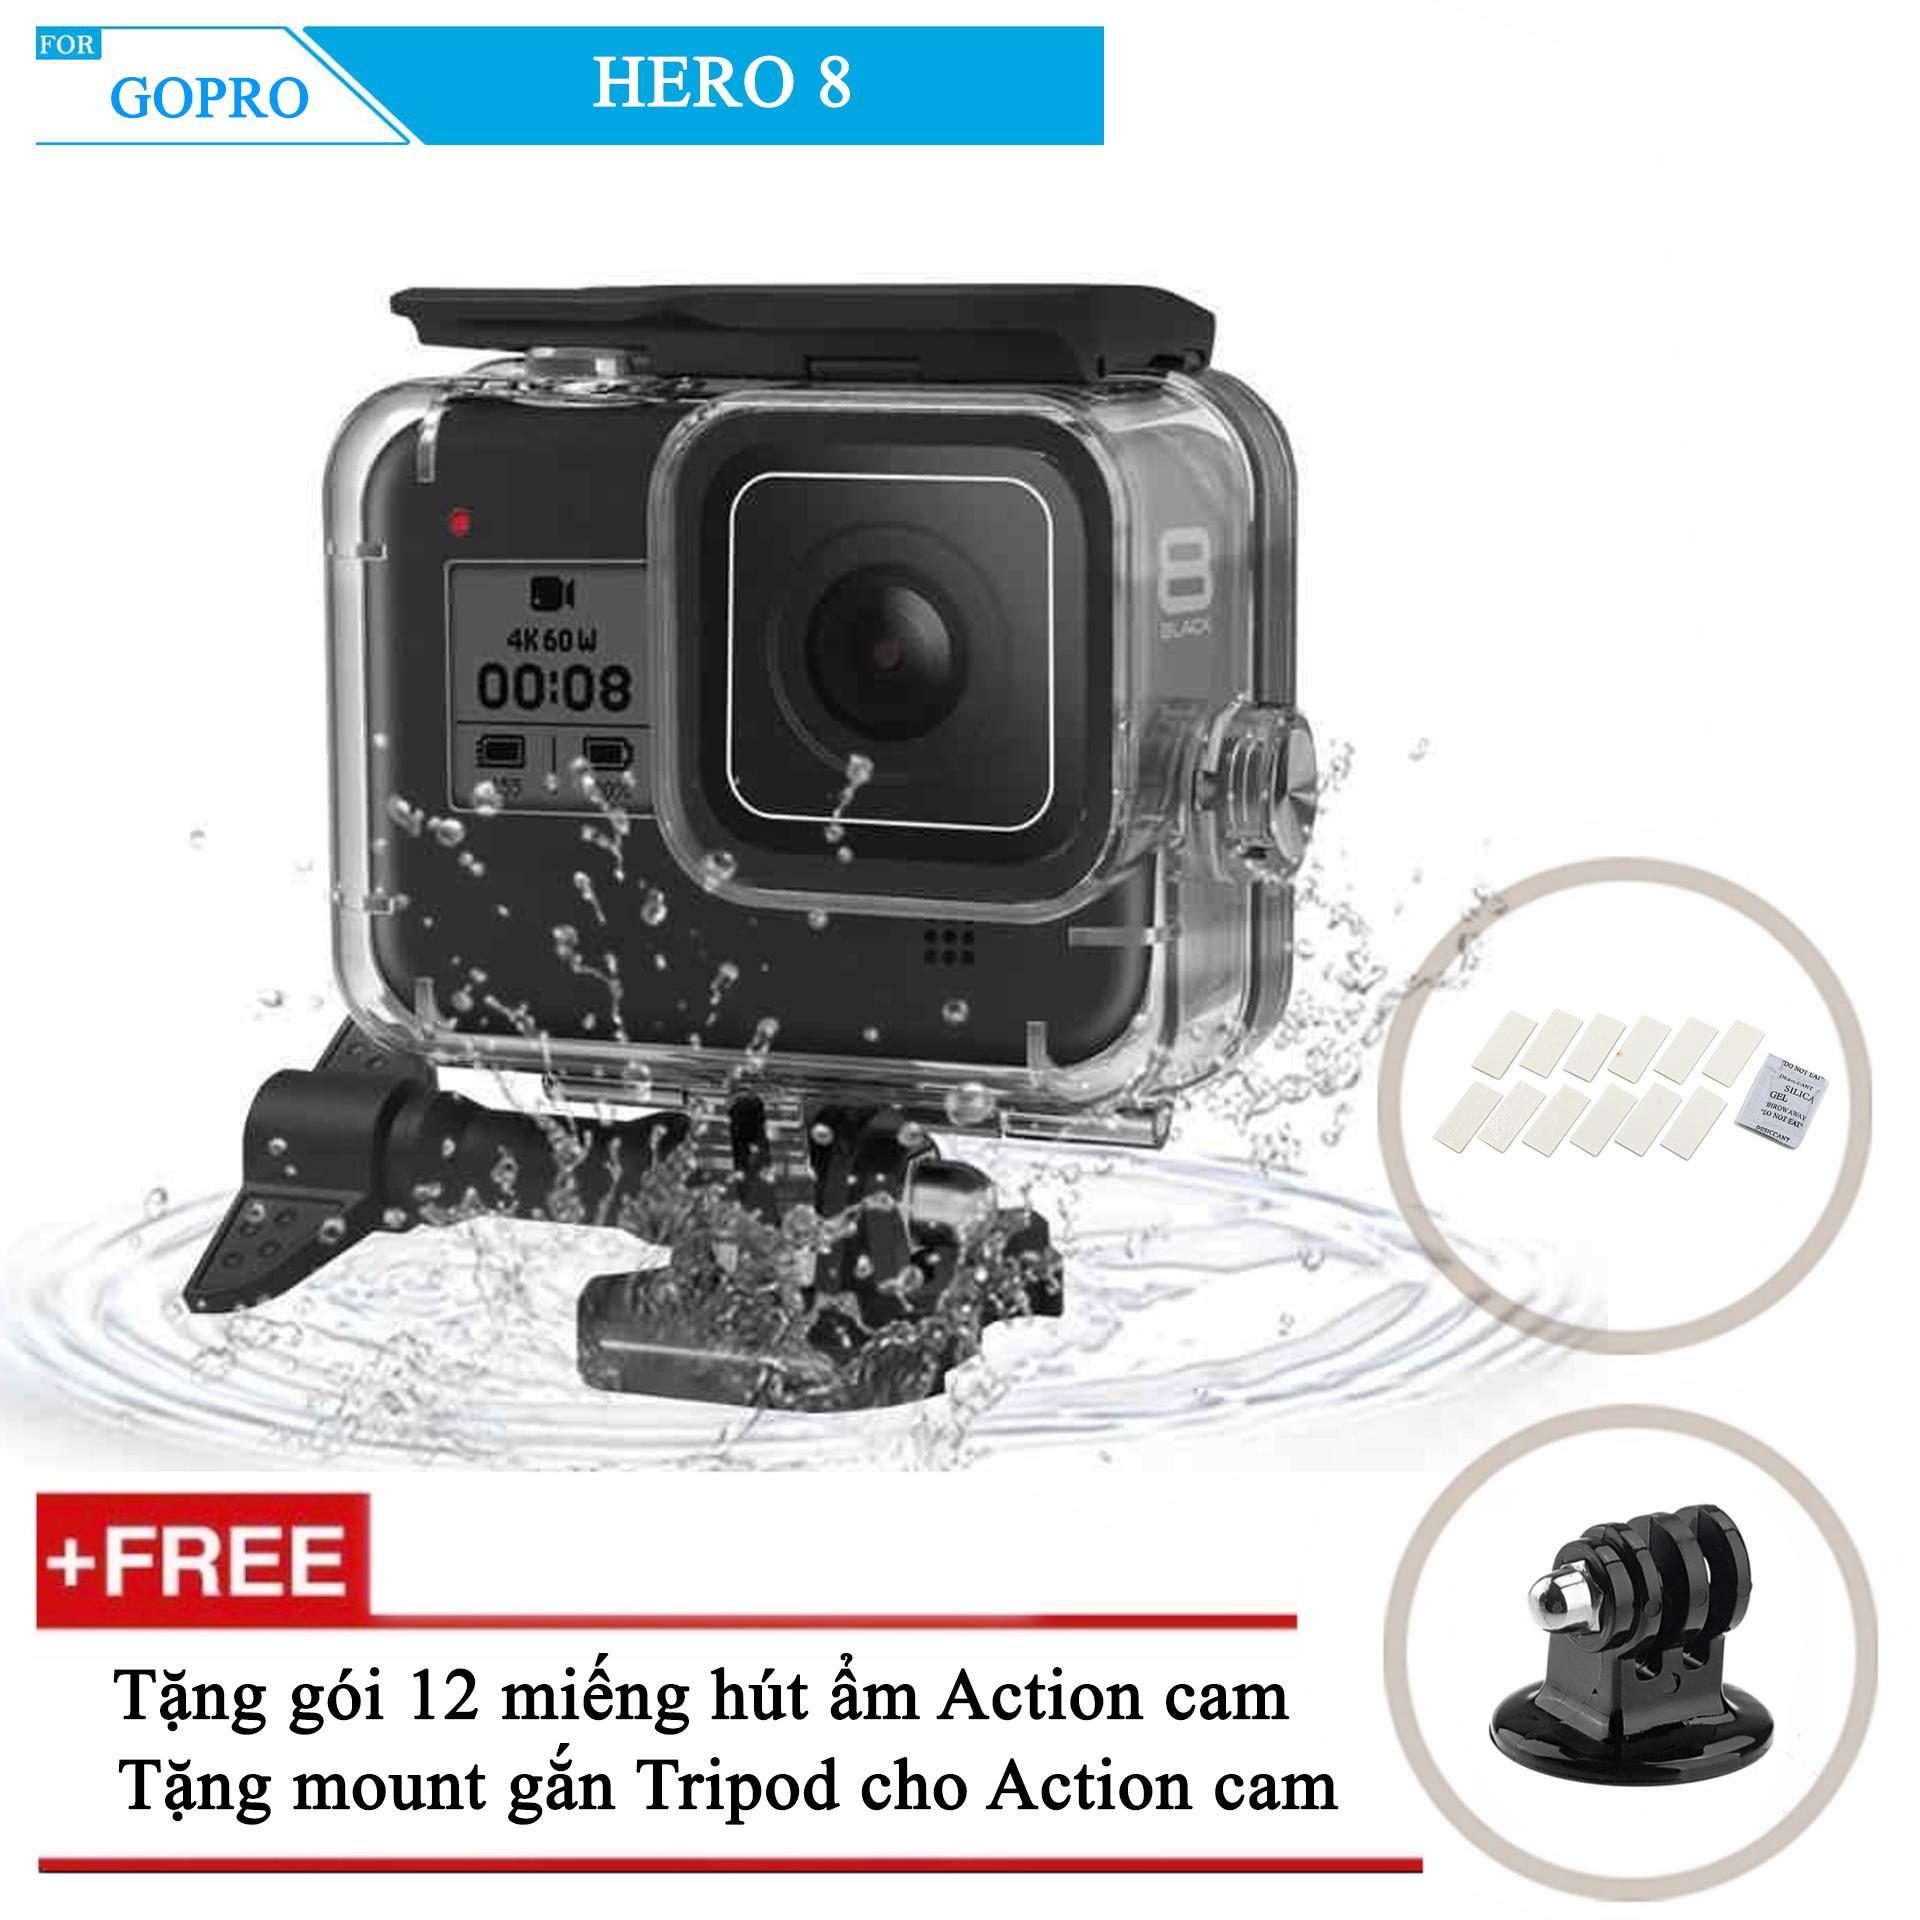 Giá Vỏ chống nước GoPro Hero 8